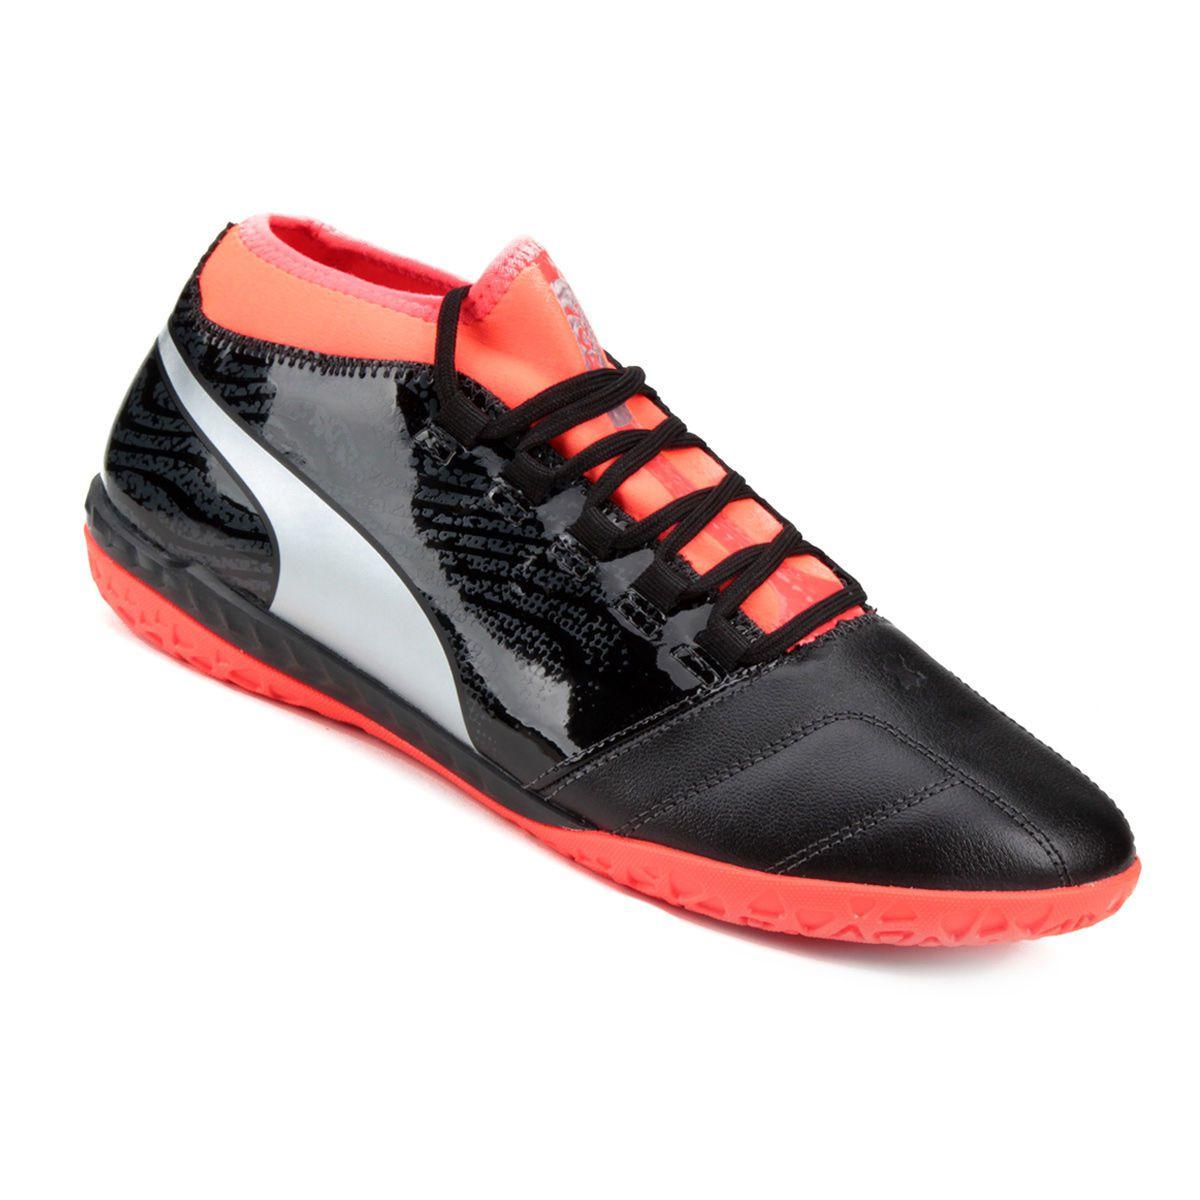 Chuteira Futsal Puma One 18.3 It Bdp